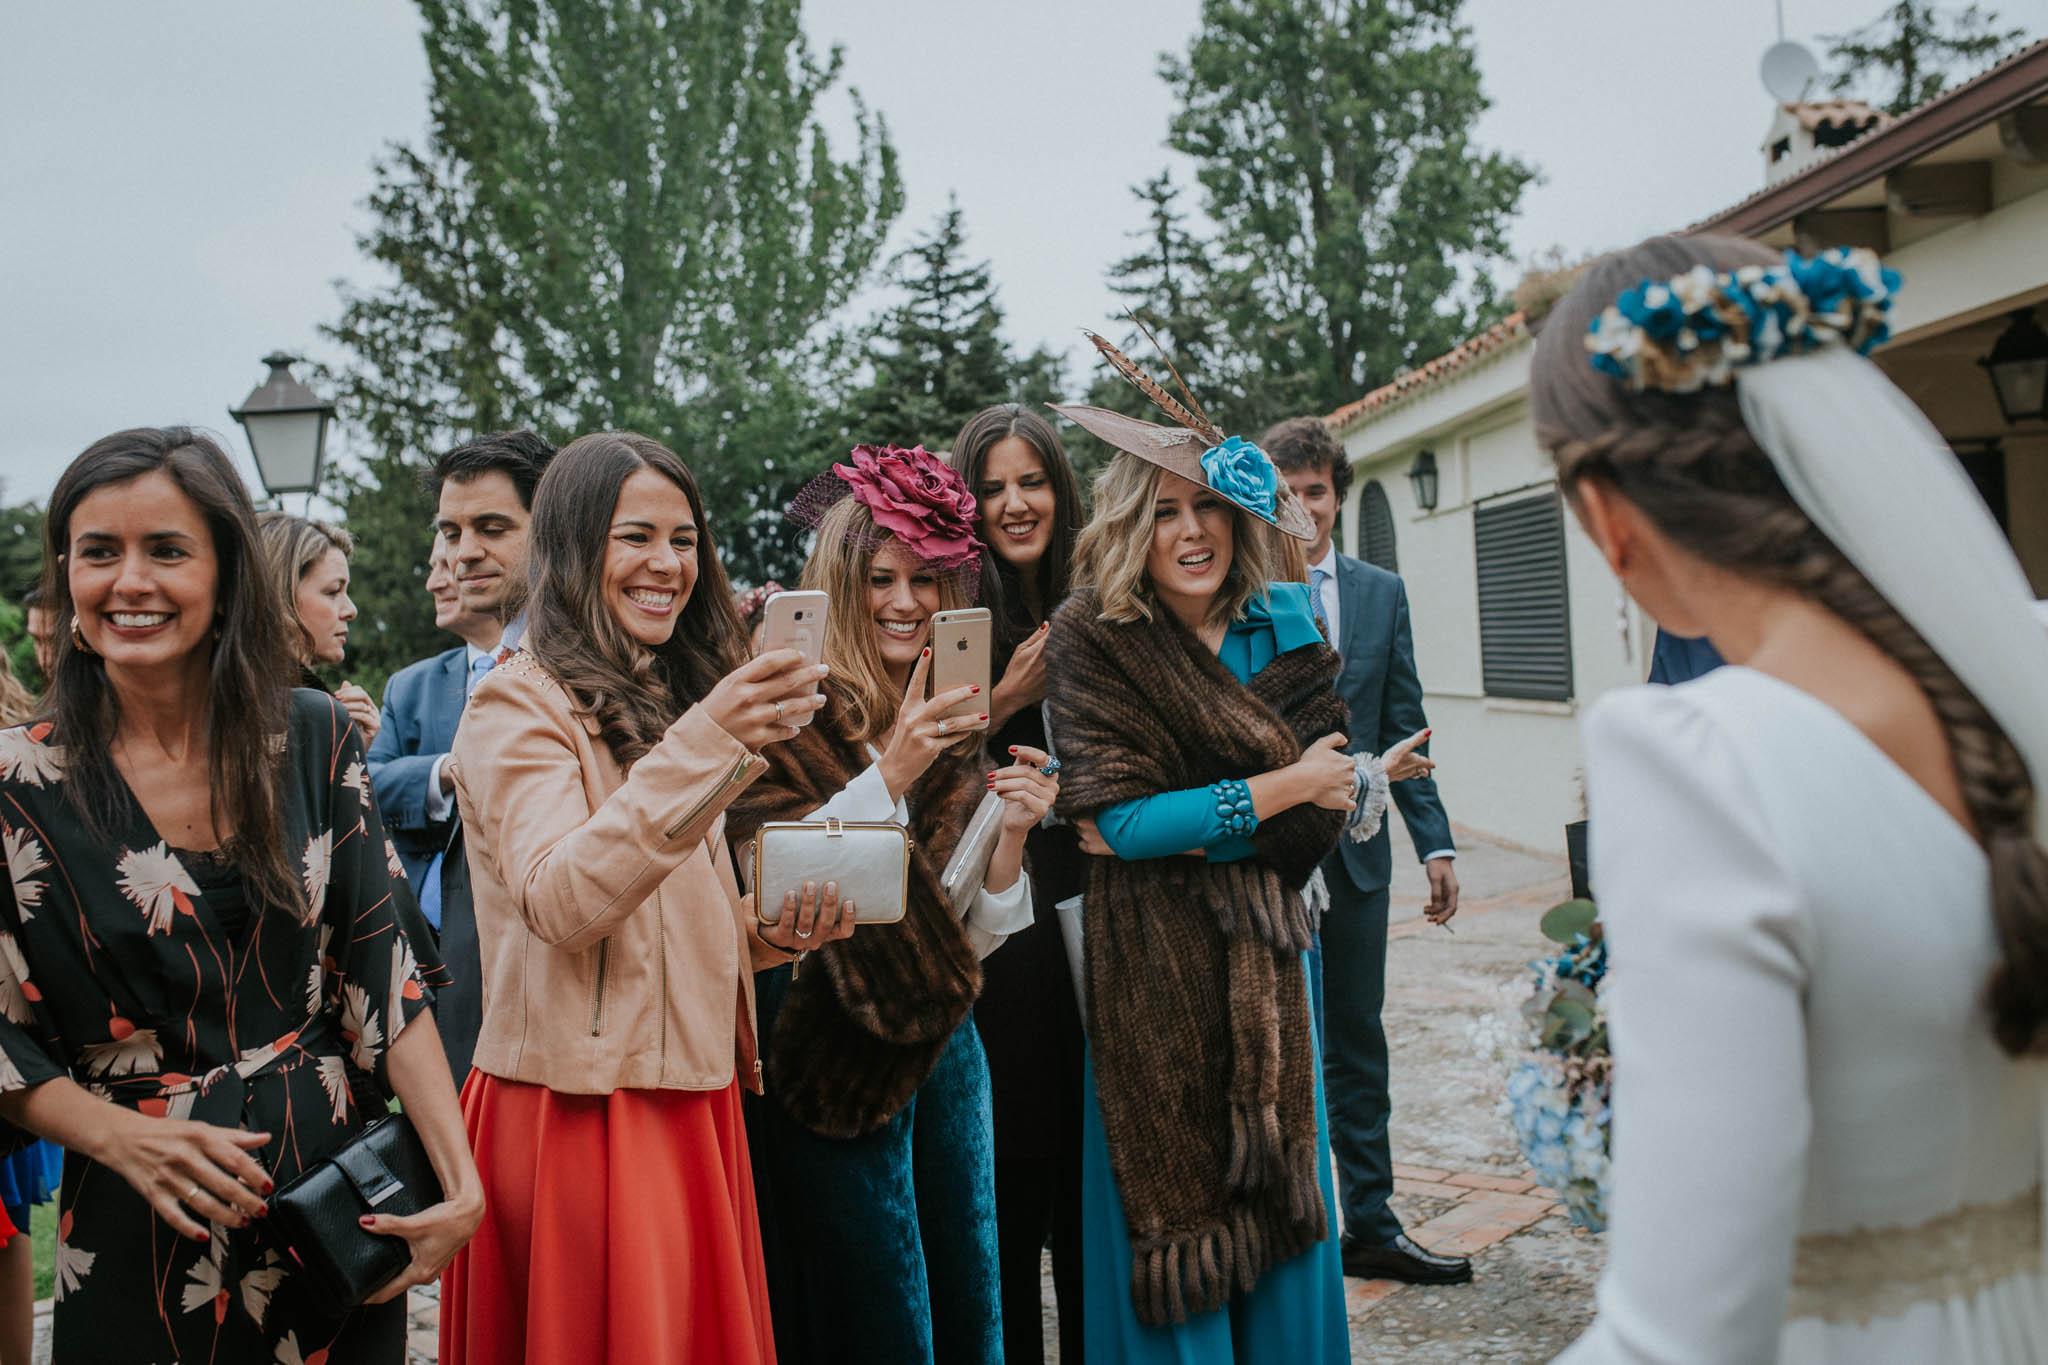 fotografia-boda-luguille-concorazon-87